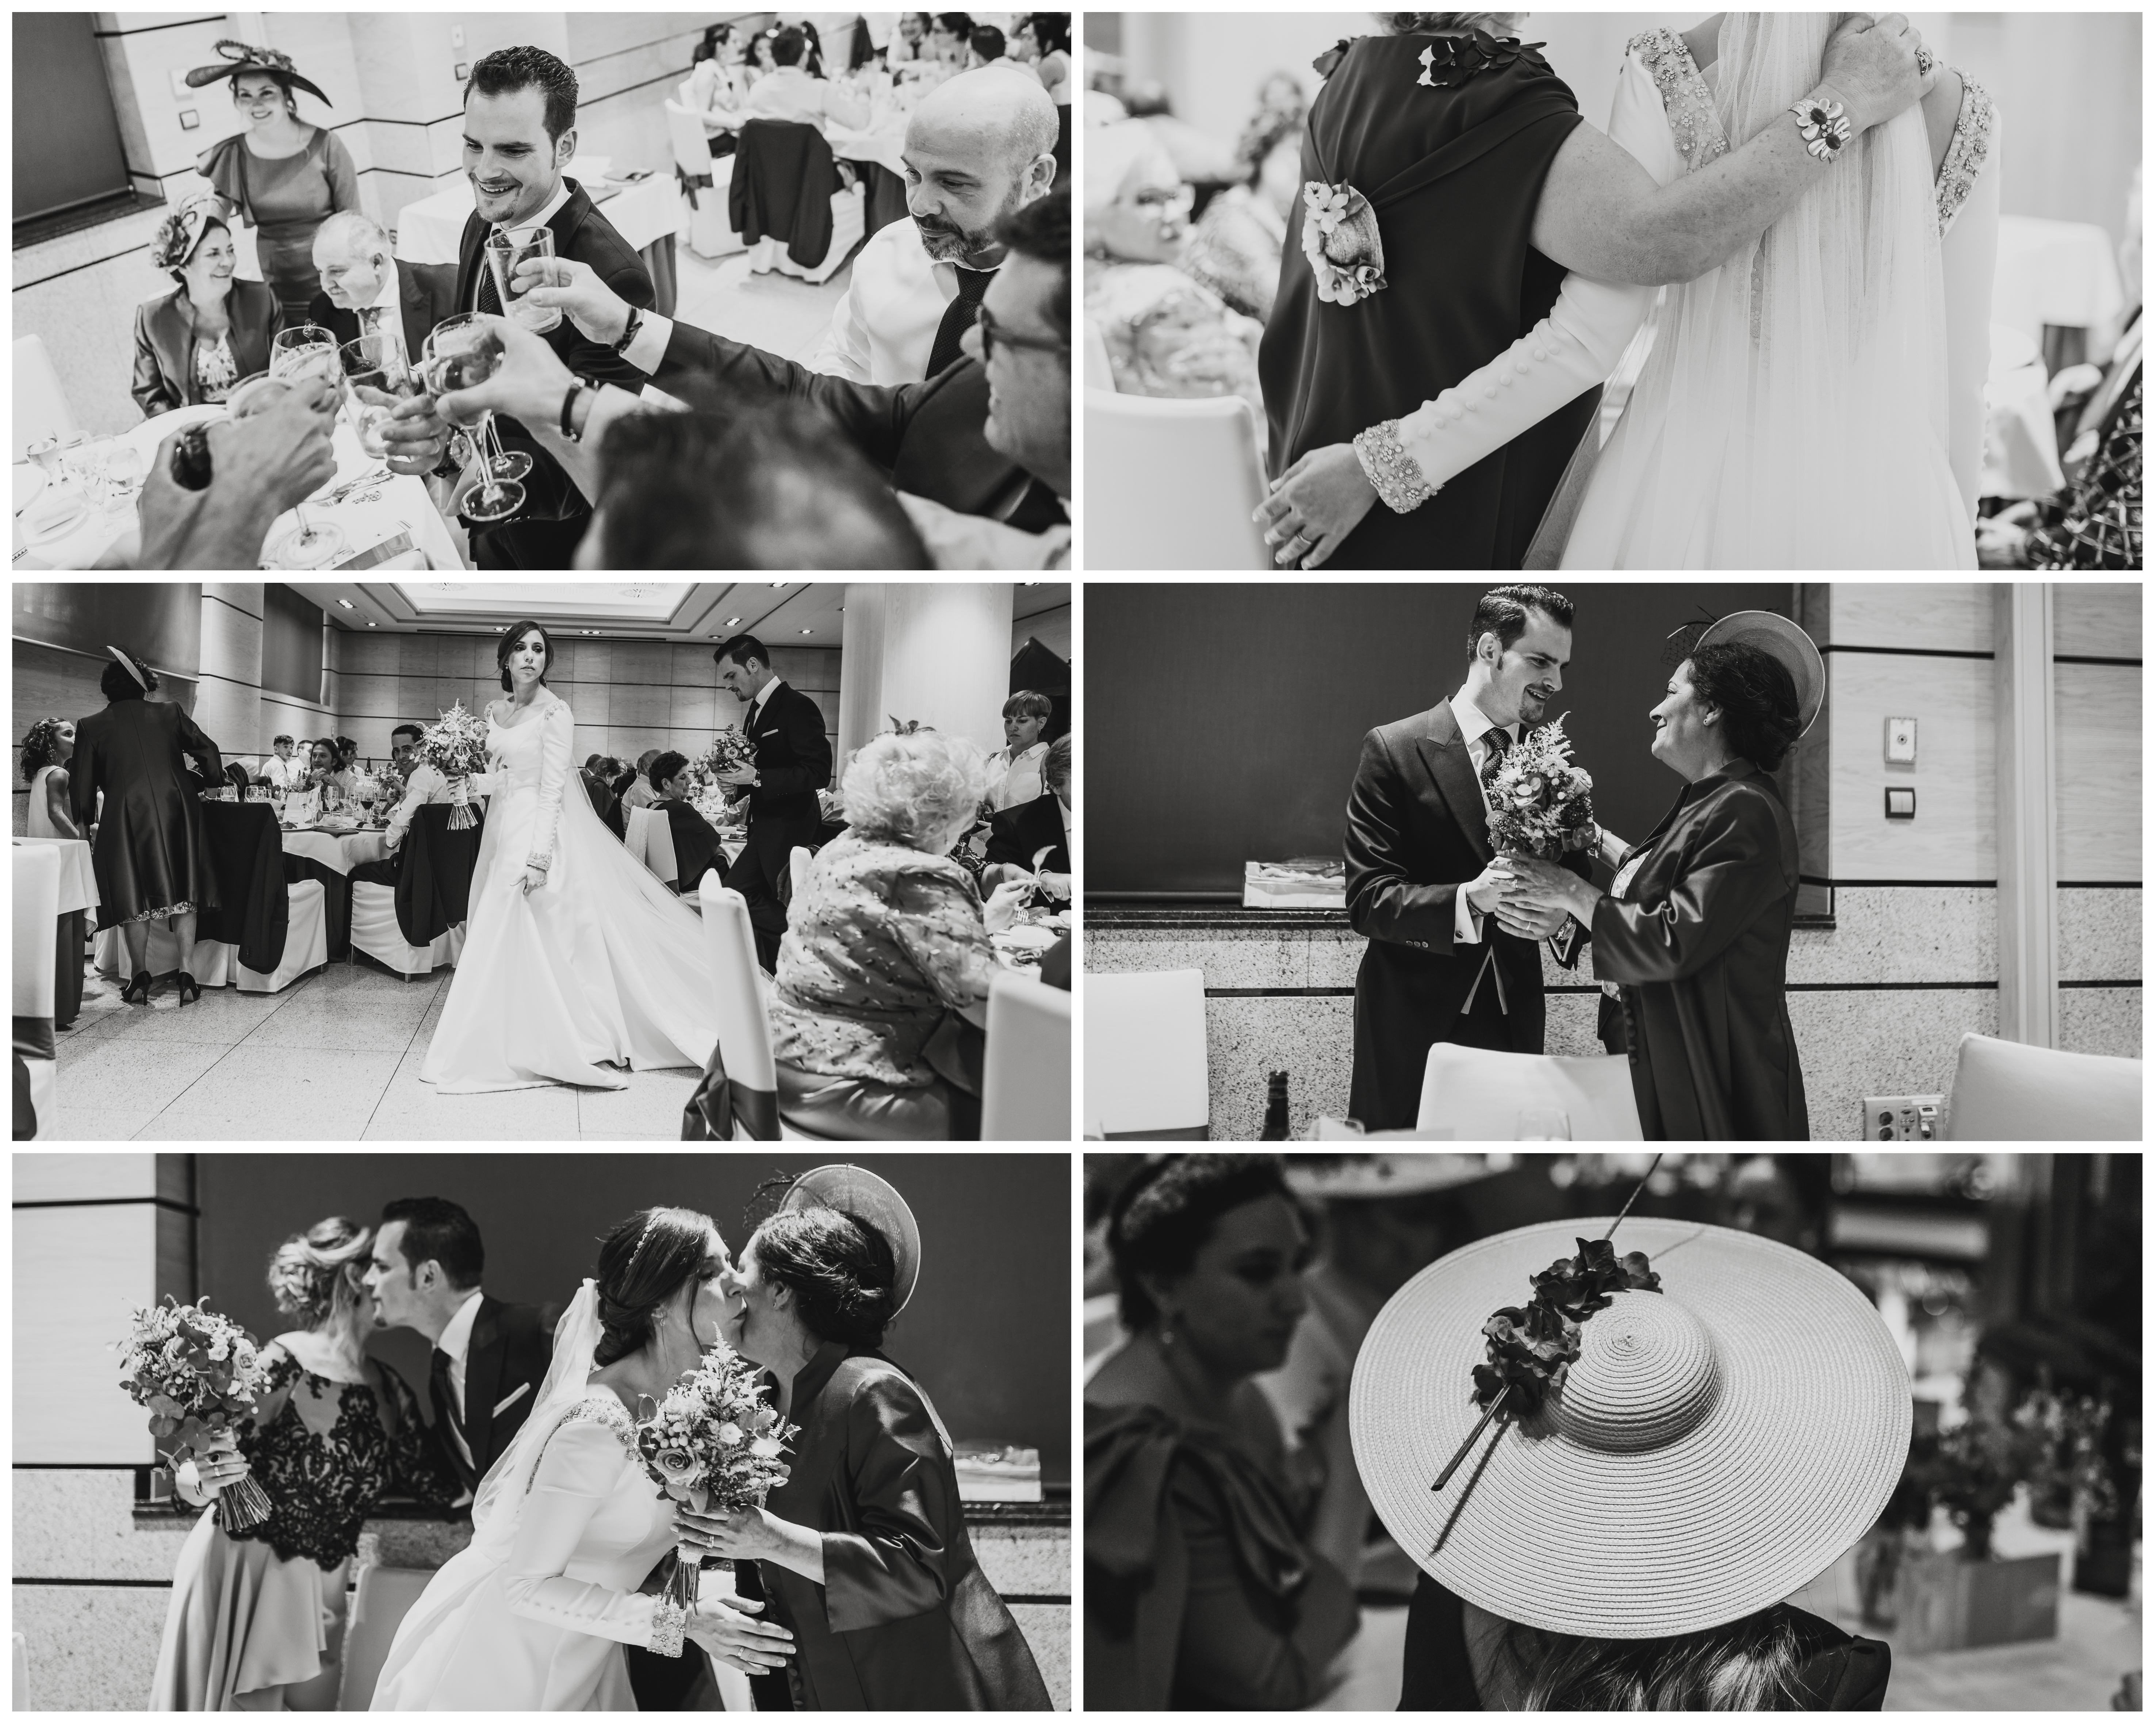 garate-fotografia-de-boda-en-Granada (62)